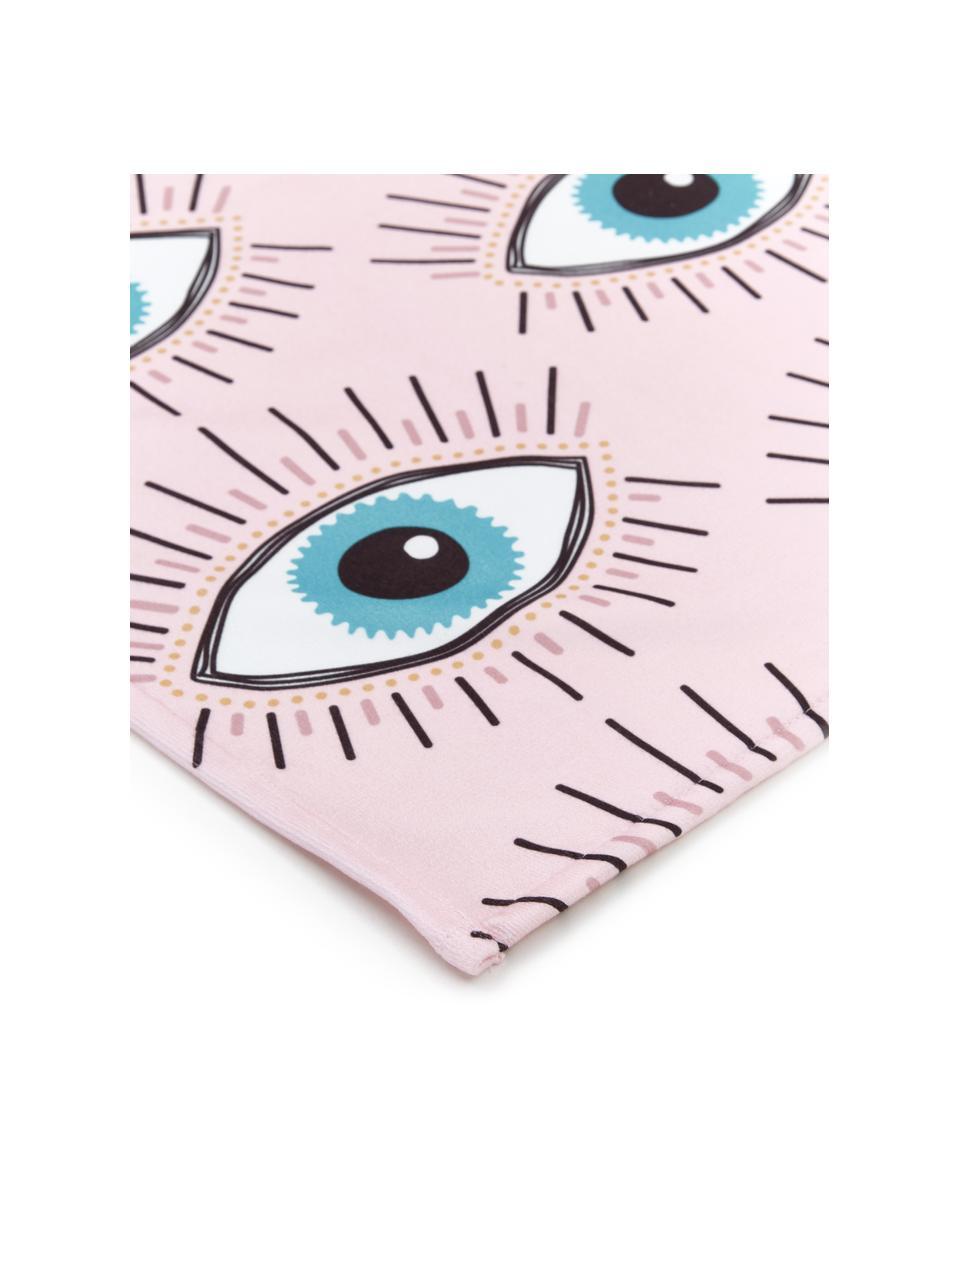 Licht strandlaken Eyes oogmotief, 55% polyester, 45% katoen zeer lichte kwaliteit, 340 g/m², Roze, multicolour, 70 x 150 cm